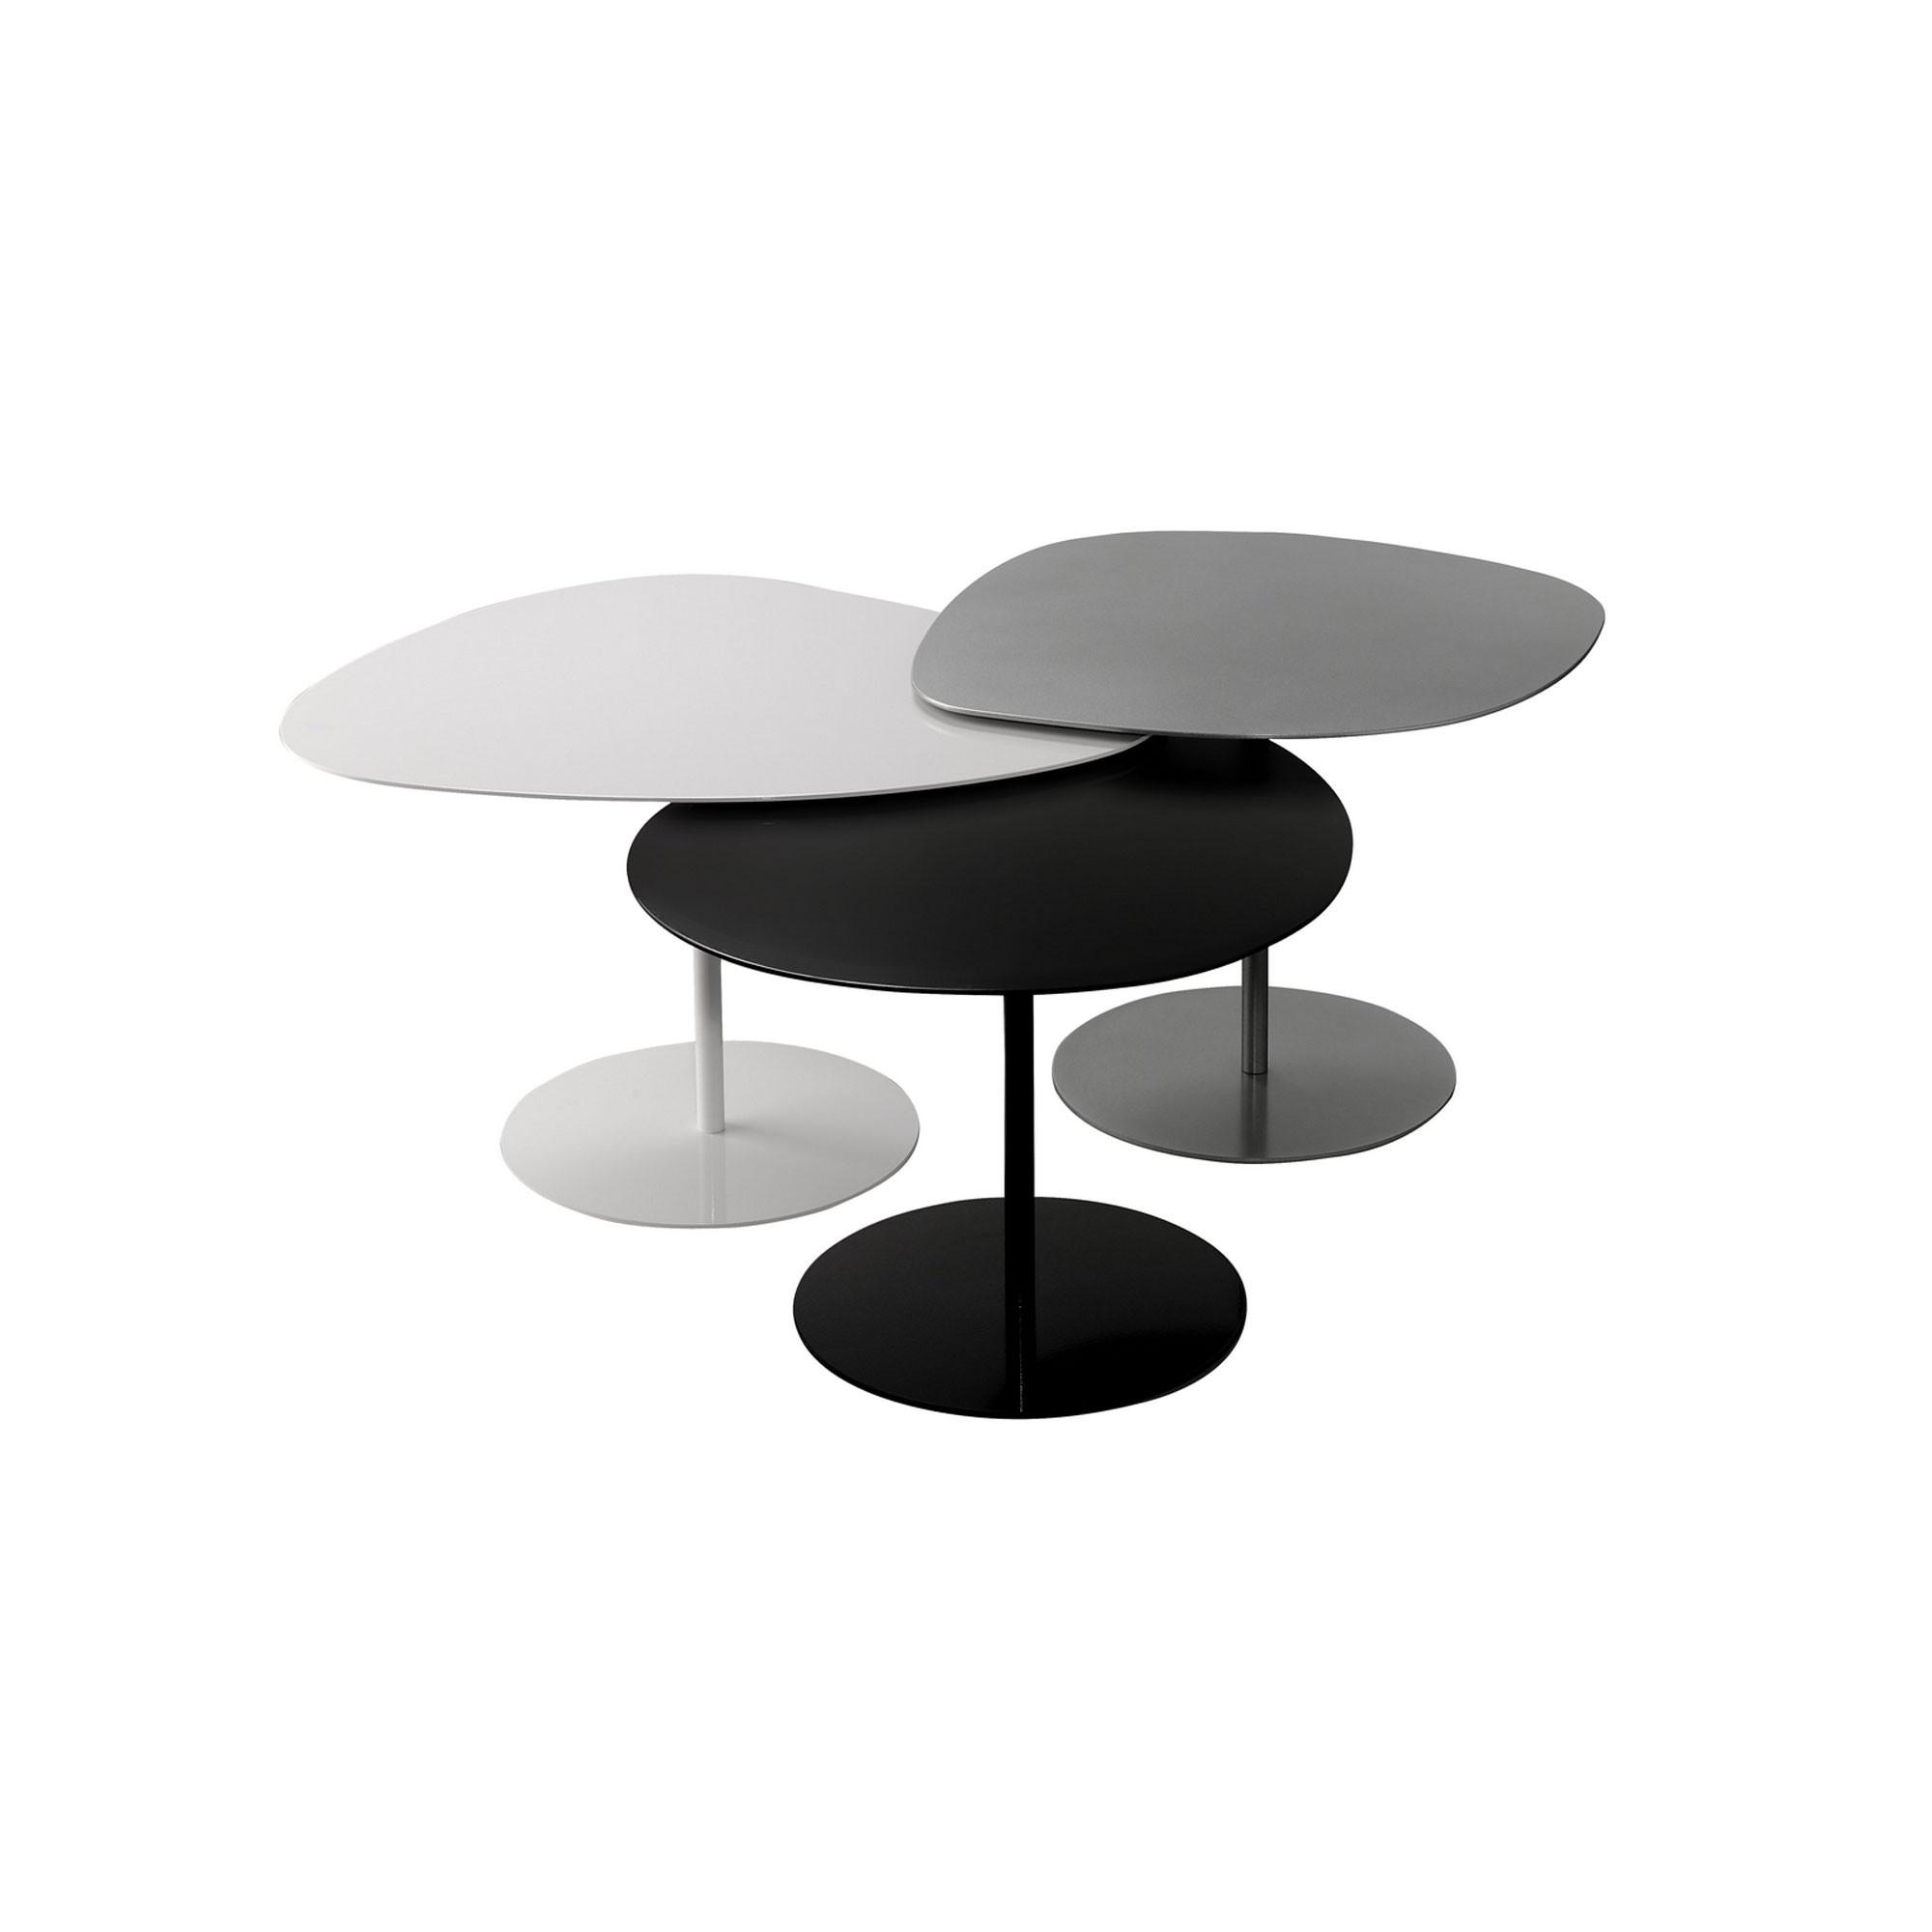 tables basses indoor galets blanc gris alu et noir matiere grise